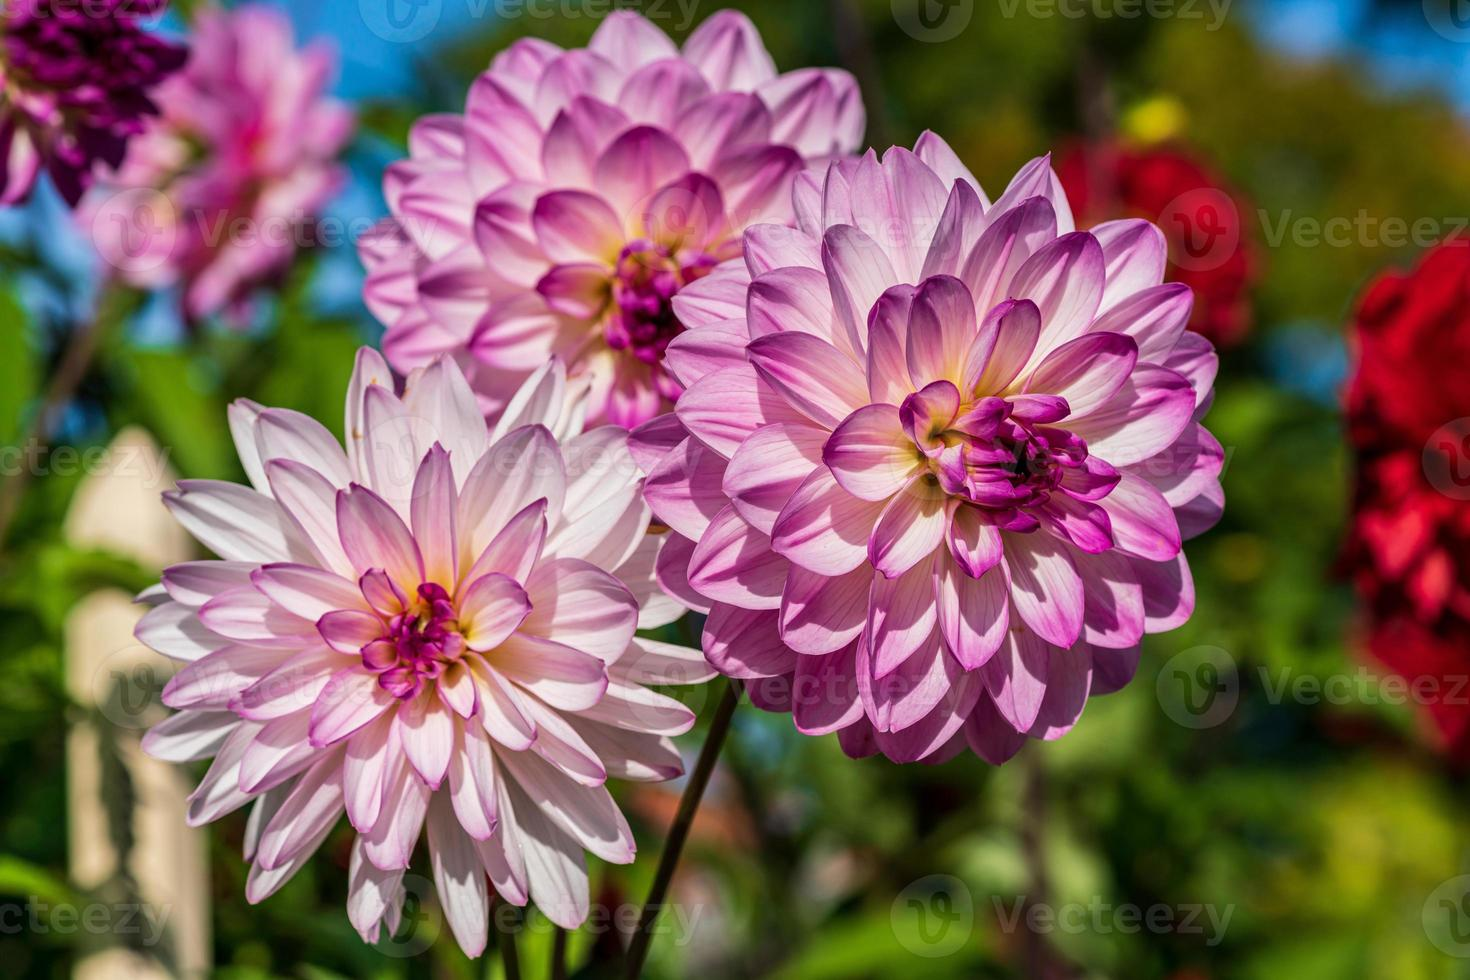 schöne rosa und weiße Dahlienblumen im Sonnenlicht foto